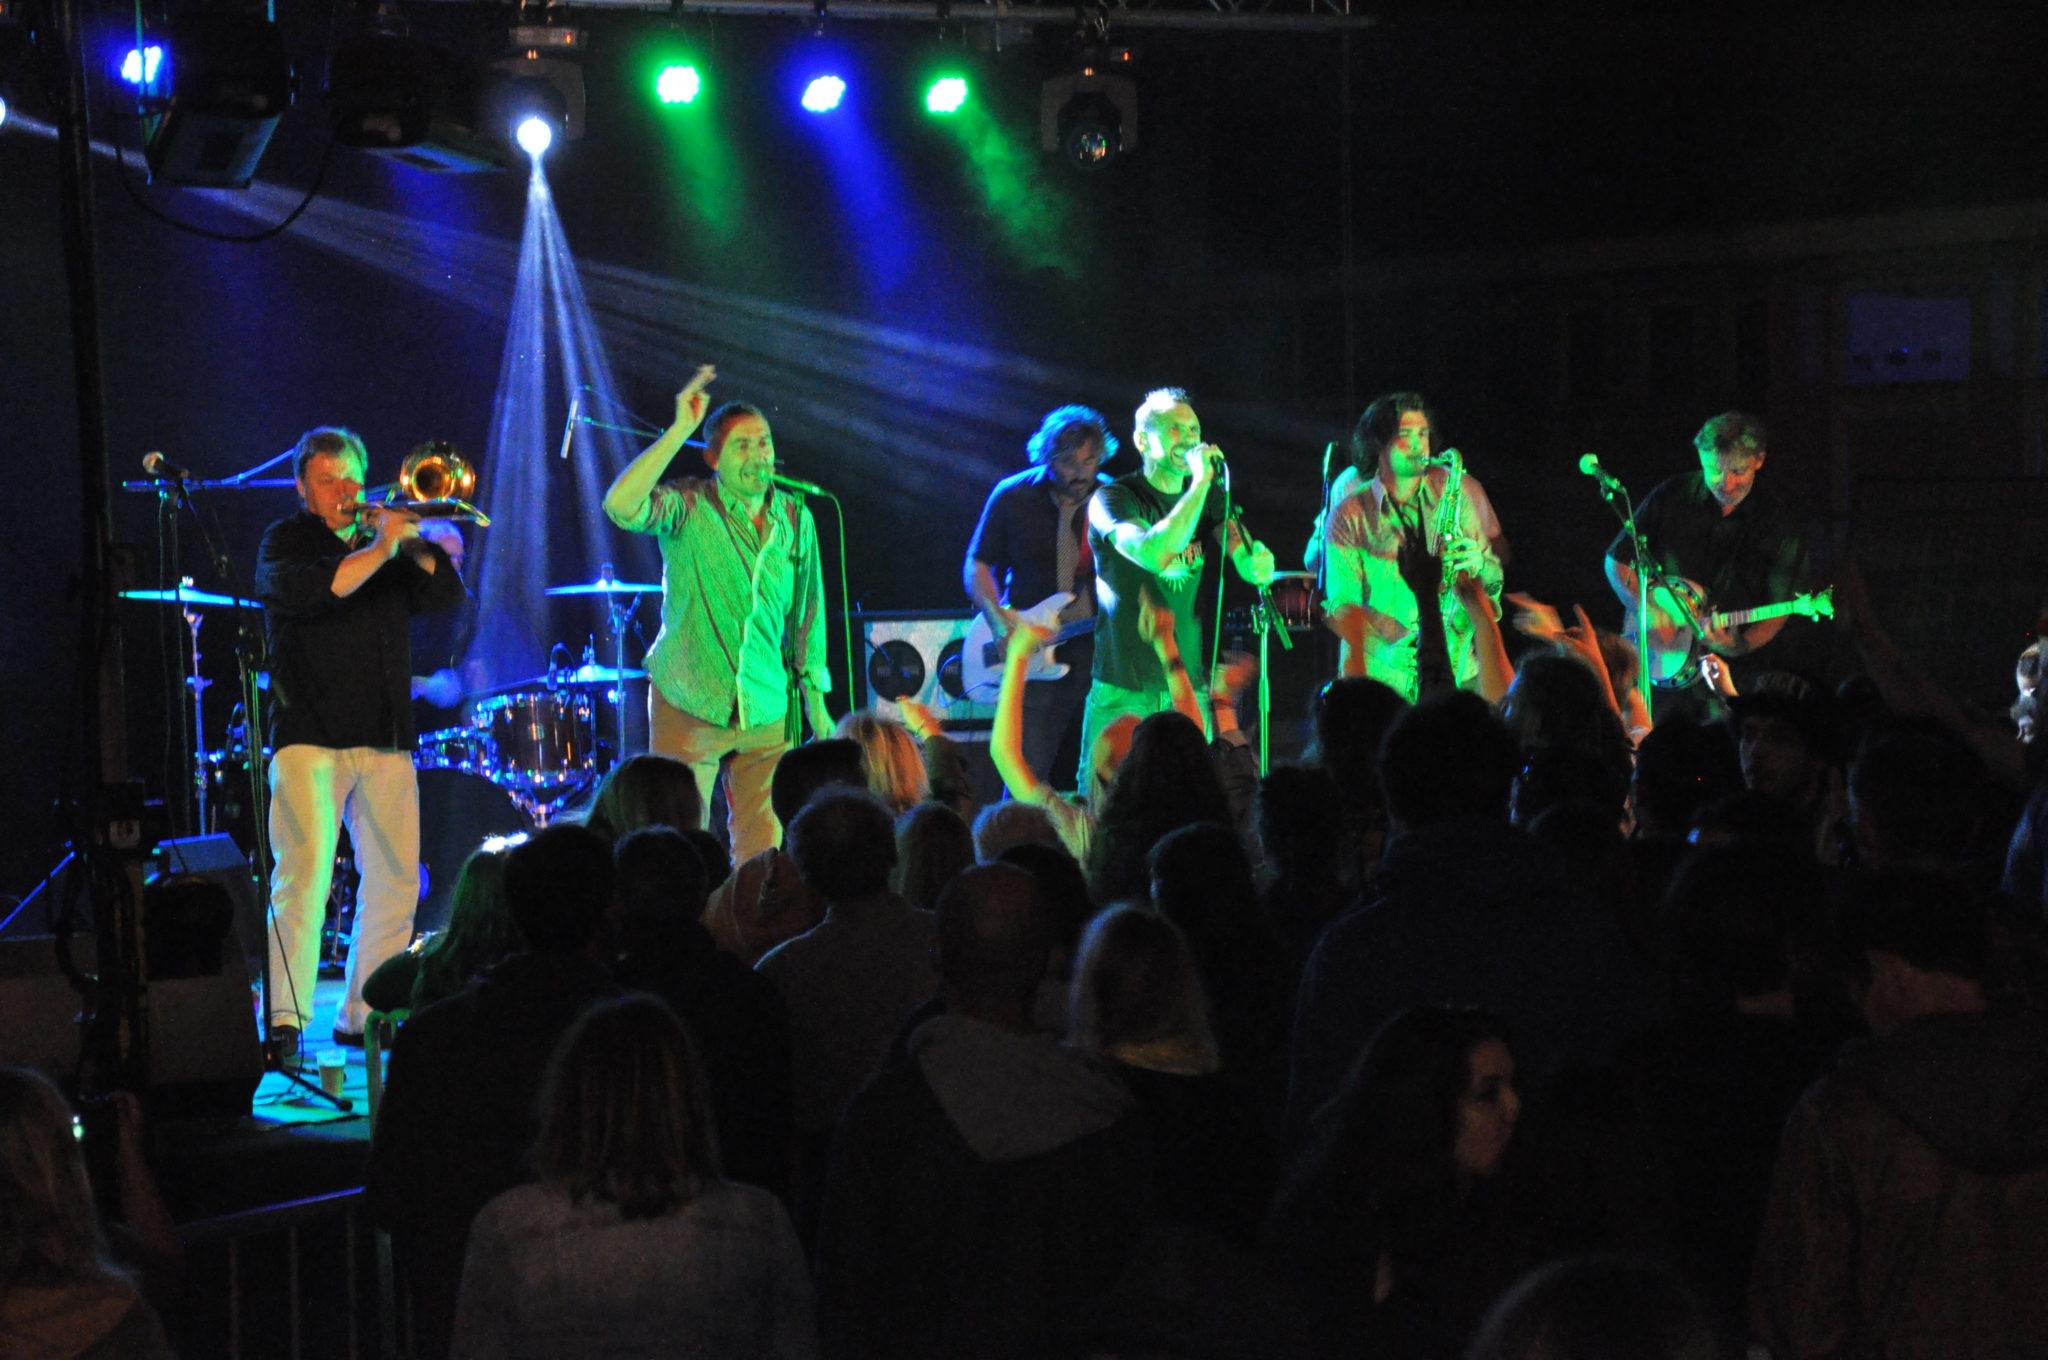 Festival de musique gratuit dans les Landes